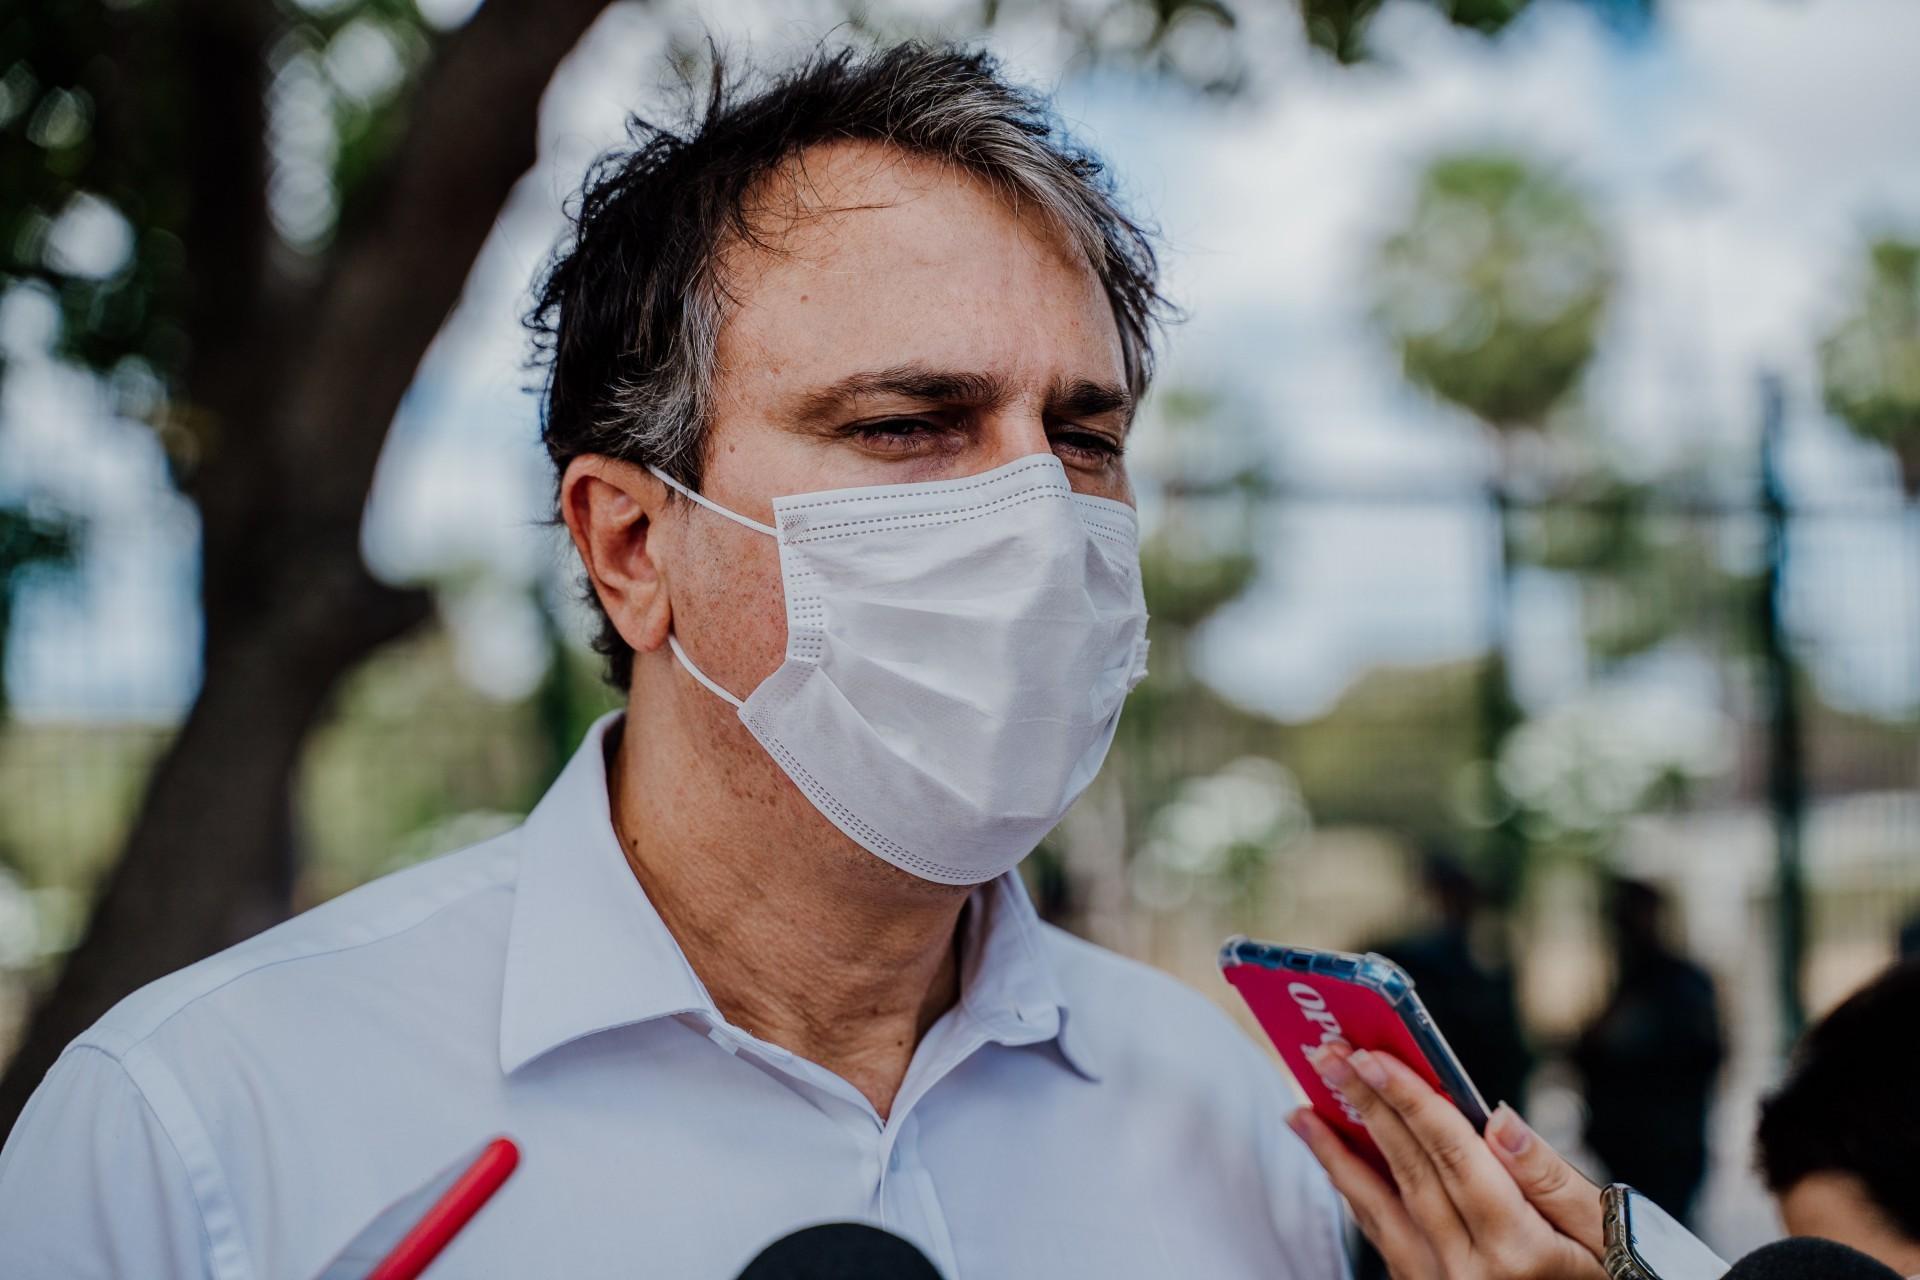 """Camilo sobre nota de Bolsonaro: """"Ninguém neste país está acima da lei e da Constituição"""" (Foto: JULIO CAESAR)"""